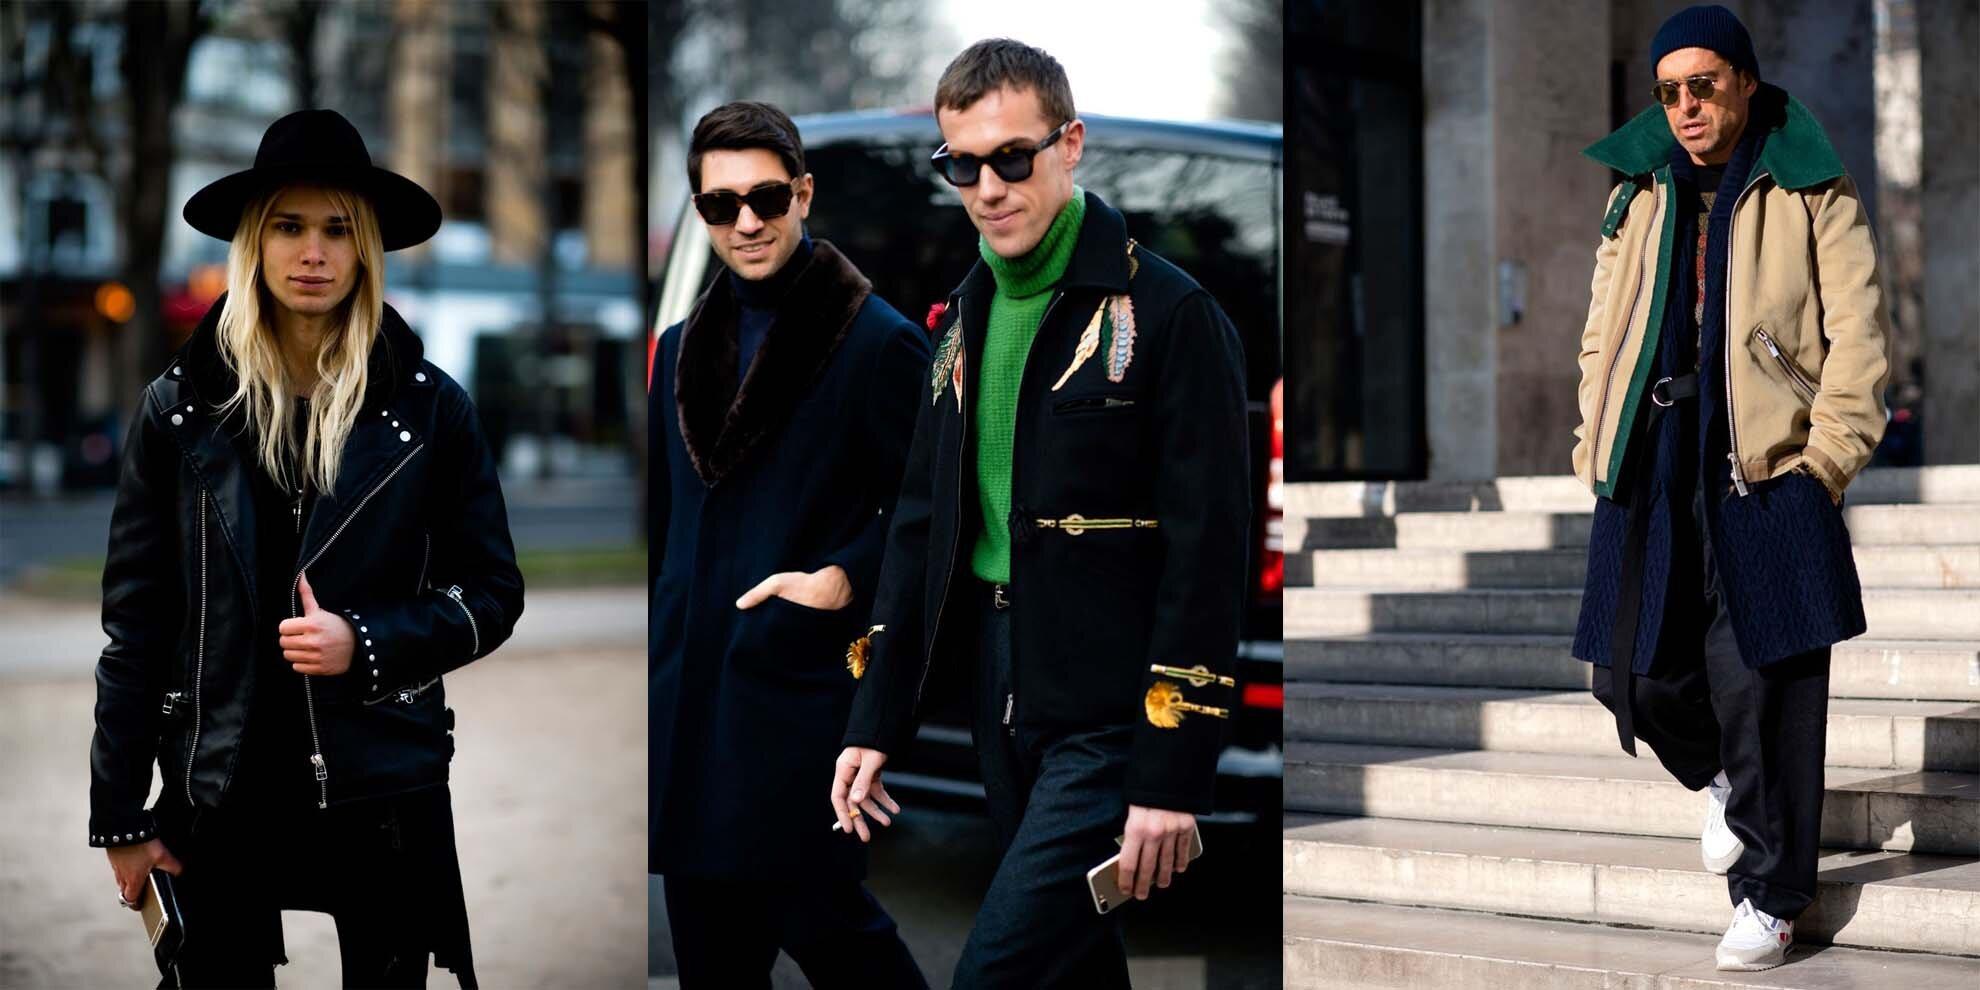 Paris Men's Fashion Week - Paryski tydzień mody - Moda męska  w Paryżu - Jak ubierają się mężczyźni w Paryżu?